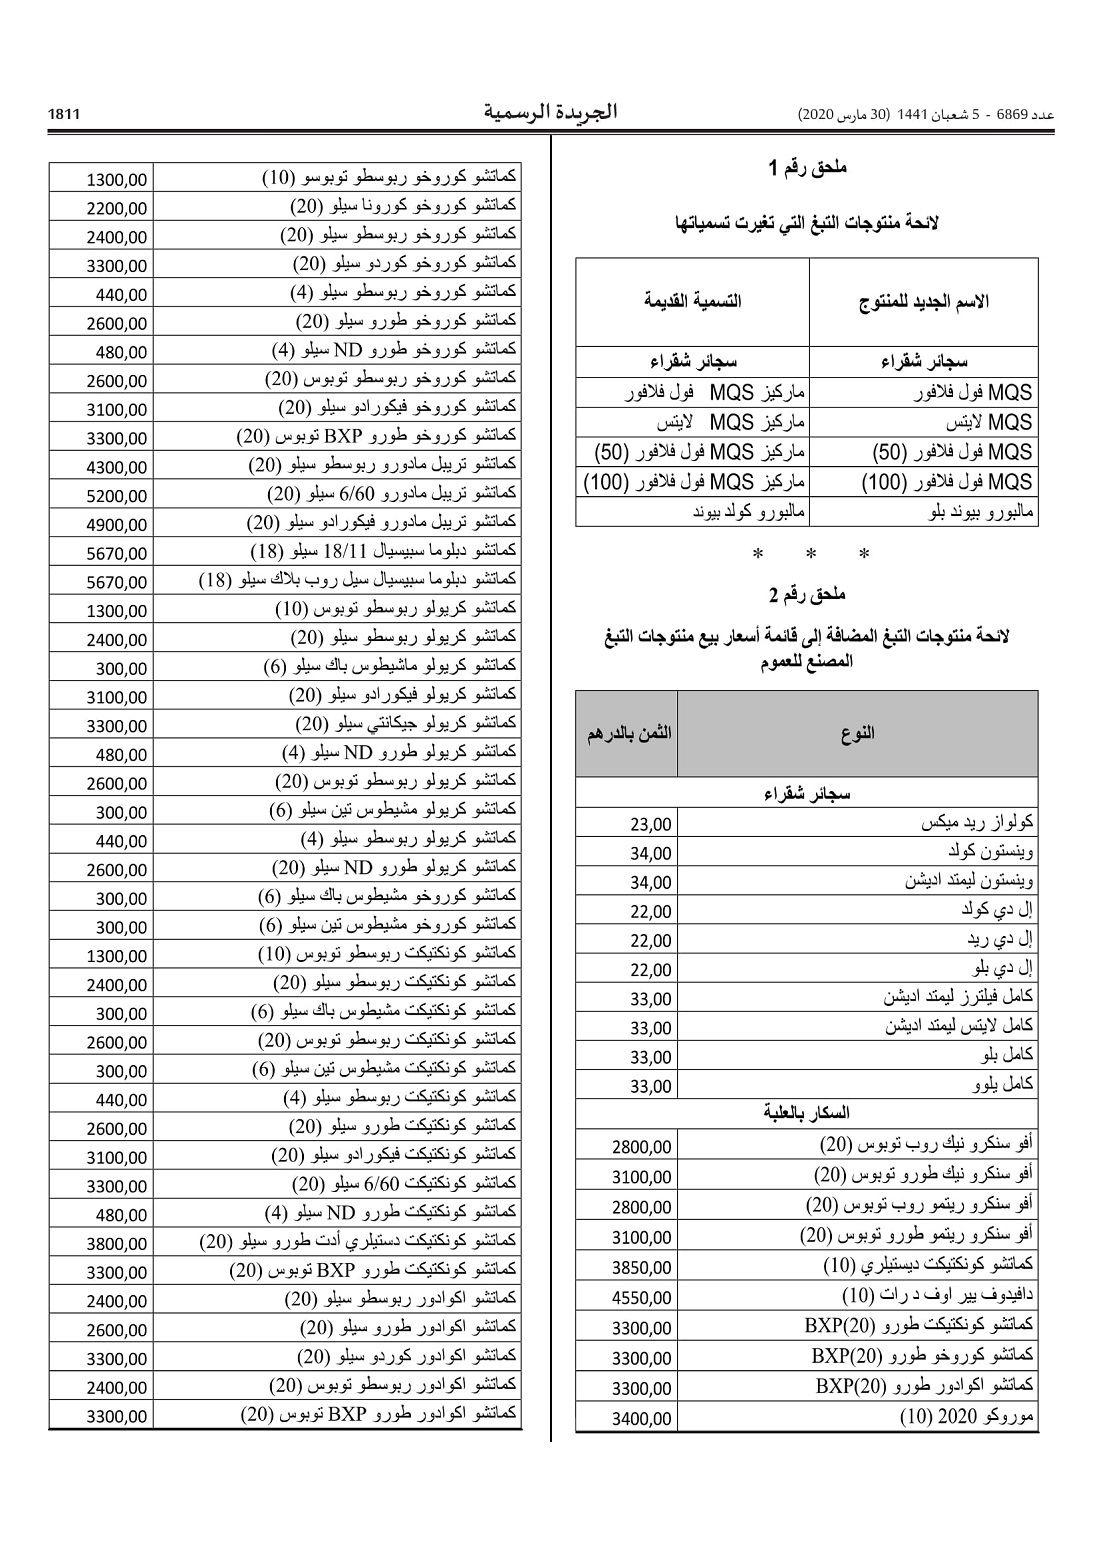 قرار لبنشعبون يحدد أسعار بيع التبغ في المغرب وهذه تفاصيلها Sheet Music Bullet Journal News